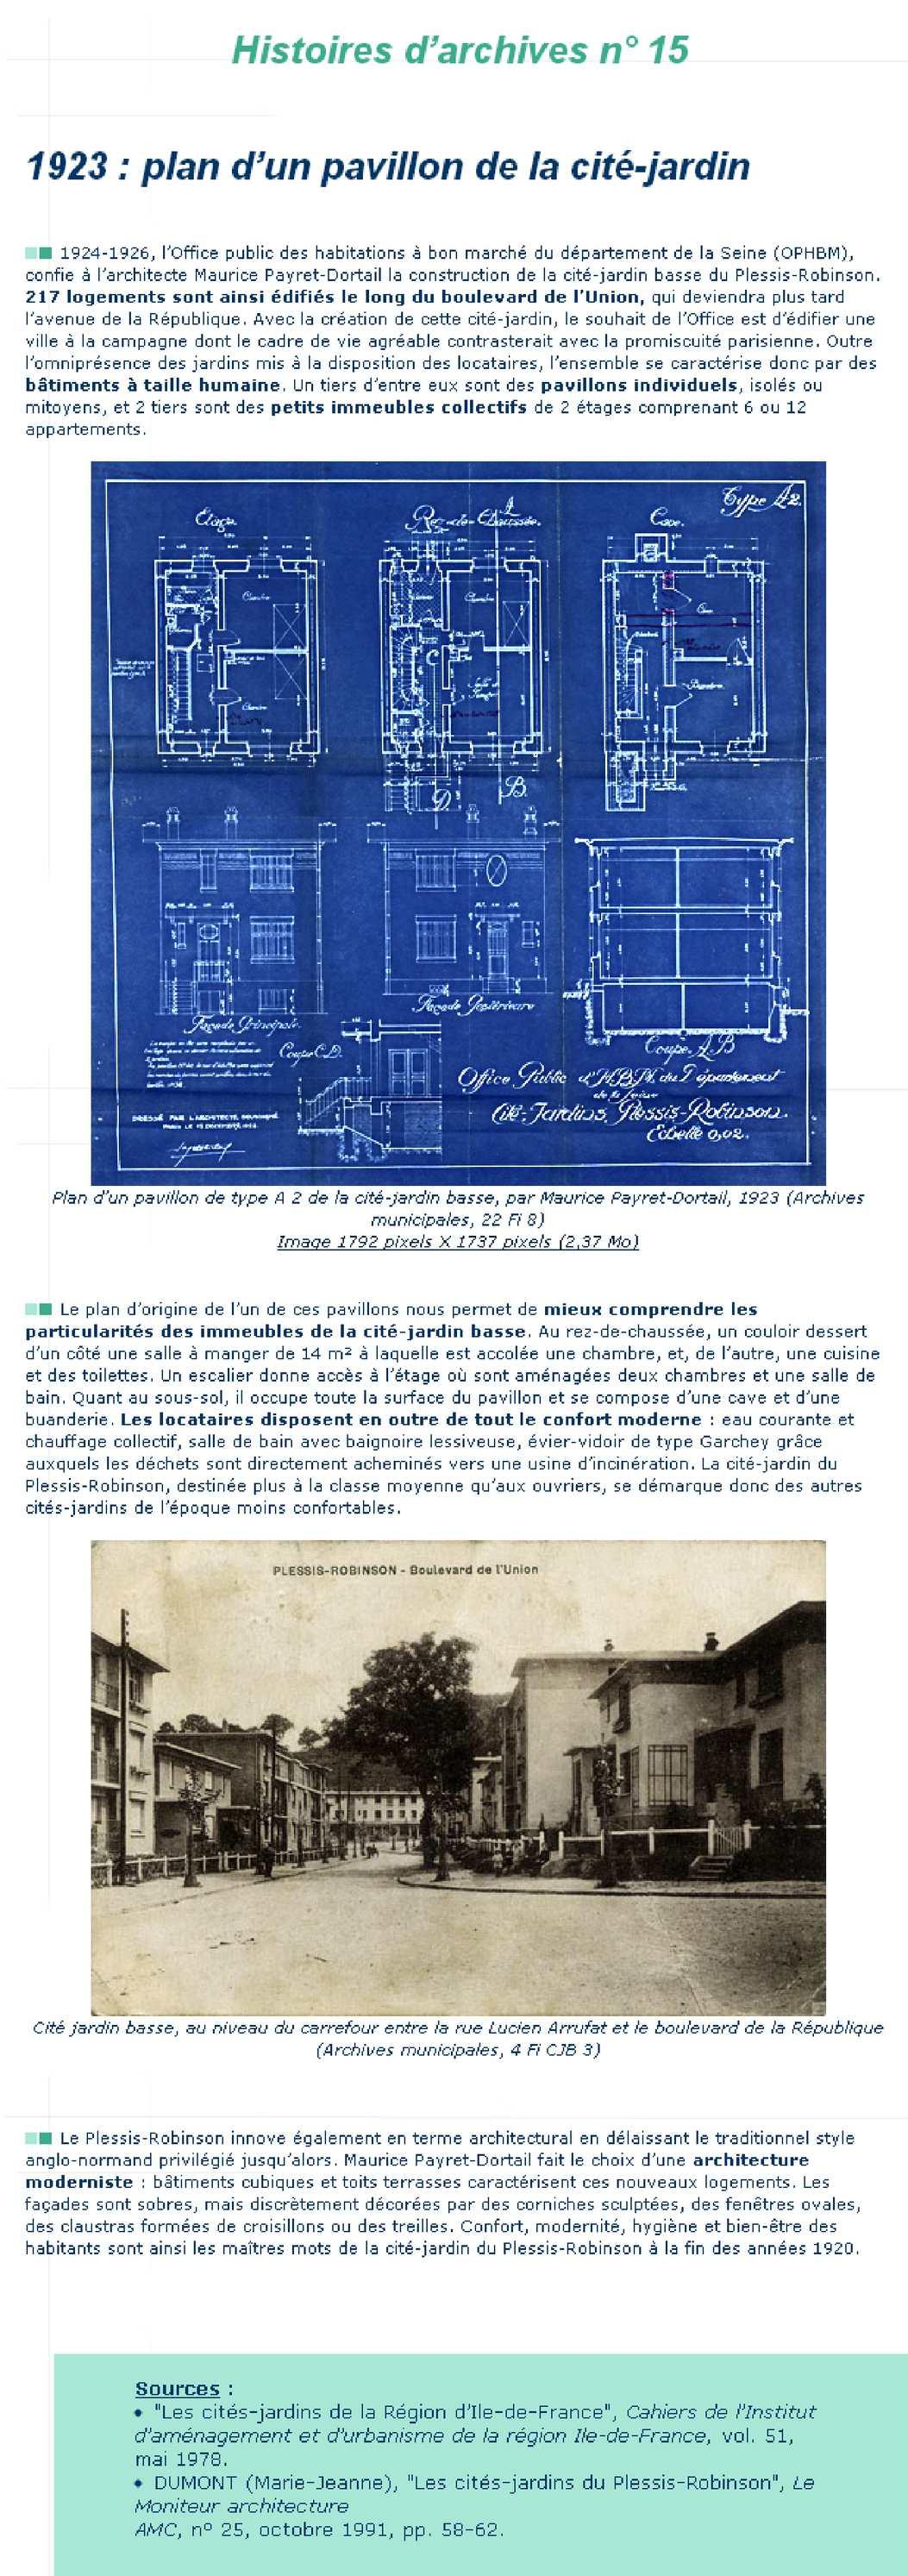 1923 : plan d'un pavillon de la cité-jardin (n°15)